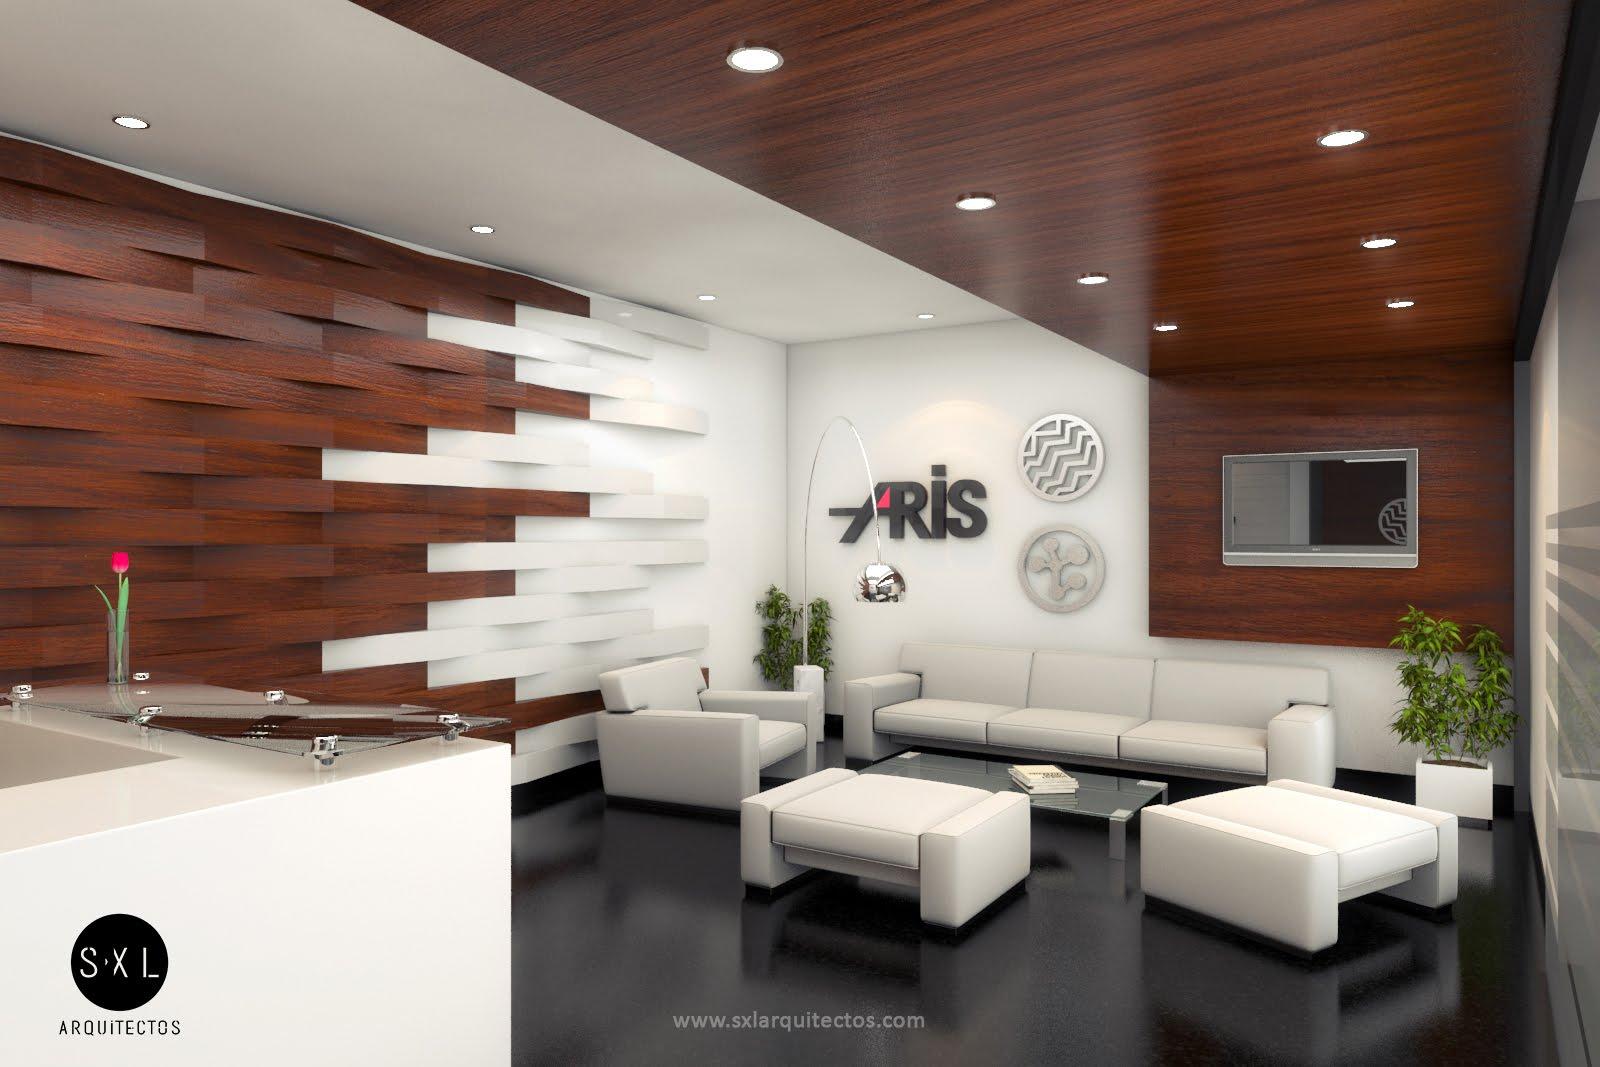 Oficinas aris recepci n s xl arquitectos for Disenos de interiores para oficinas